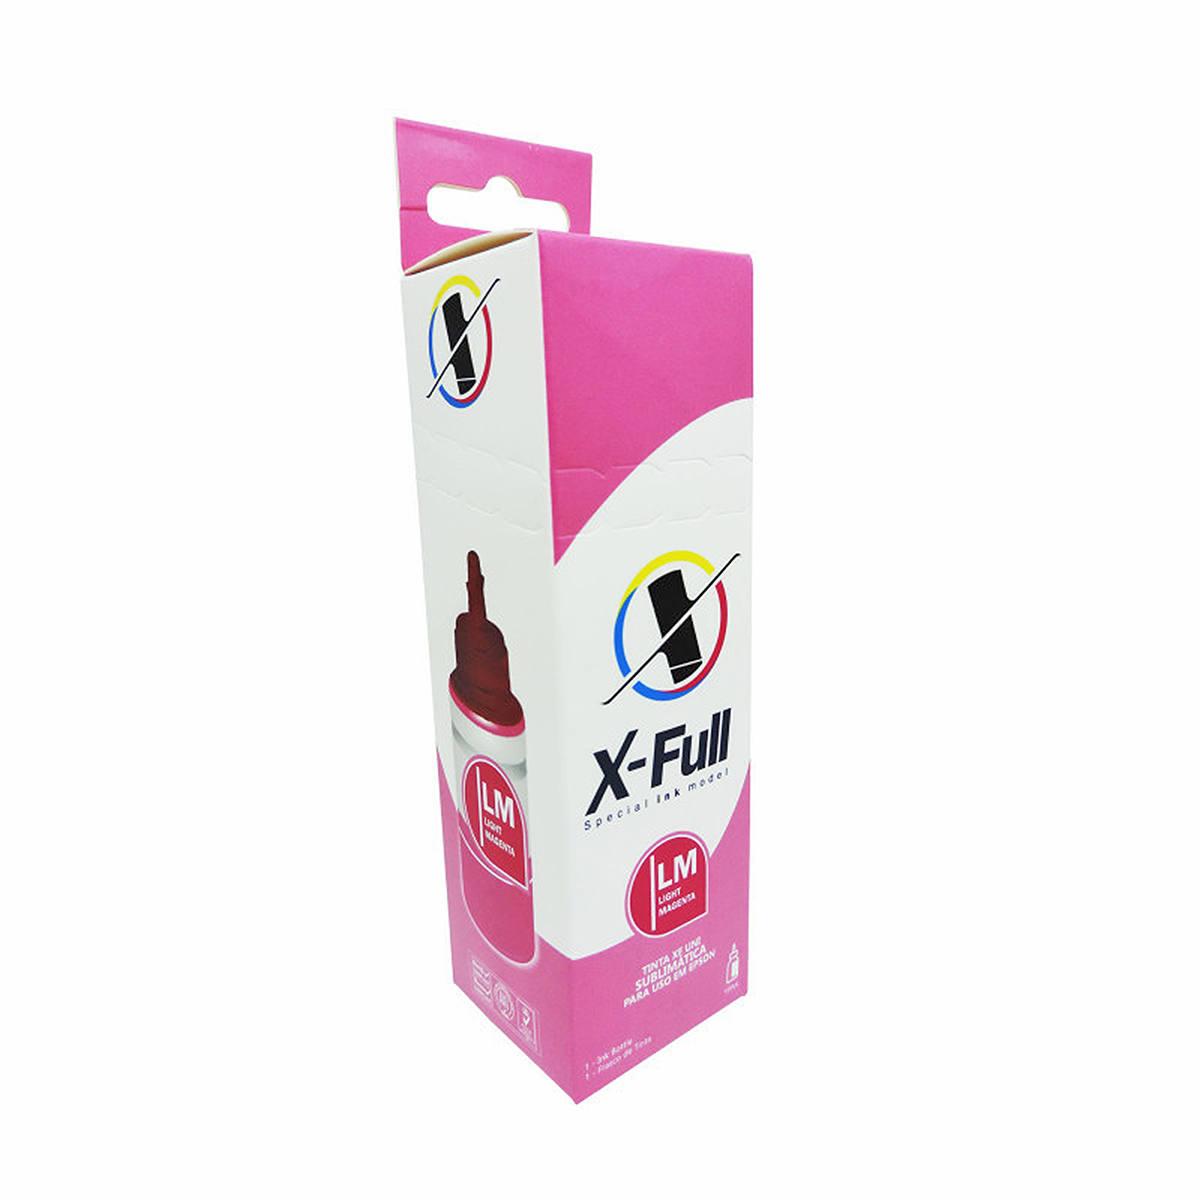 Tinta Sublimática X-Full para uso em todas as Impressoras Epson L Series 664 / Magenta Light / Refil 100ml